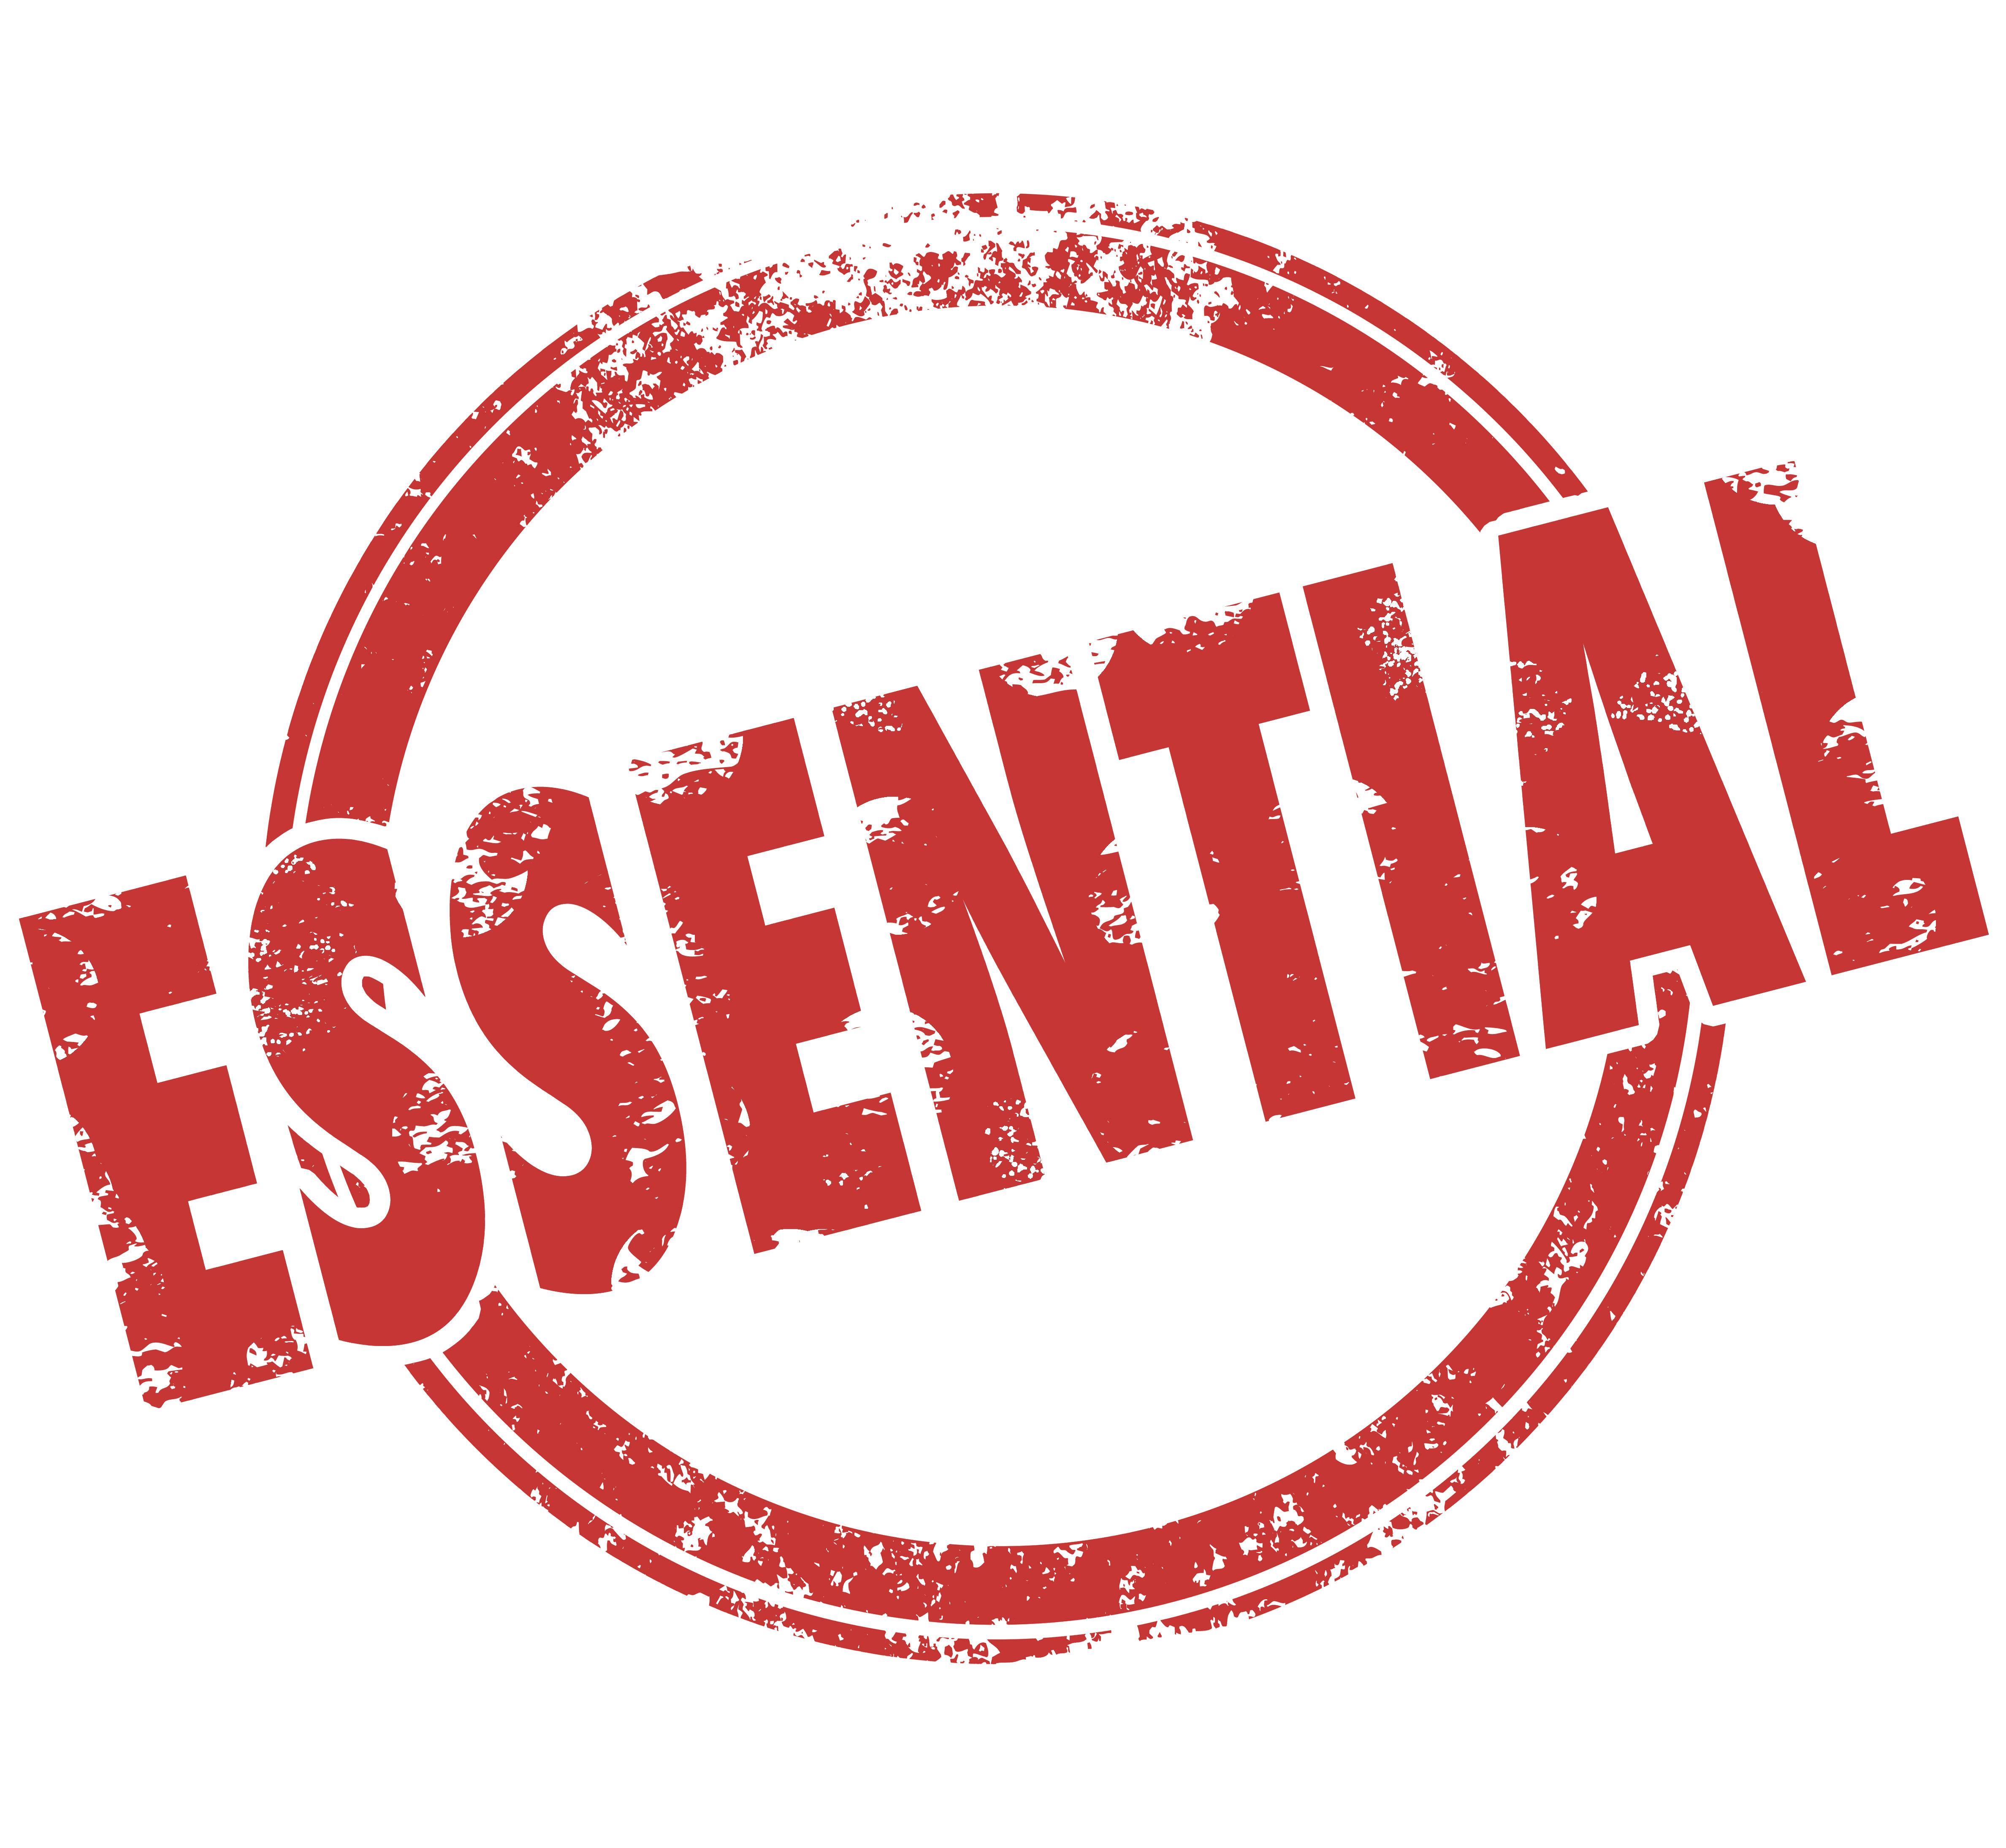 Cash Essentials